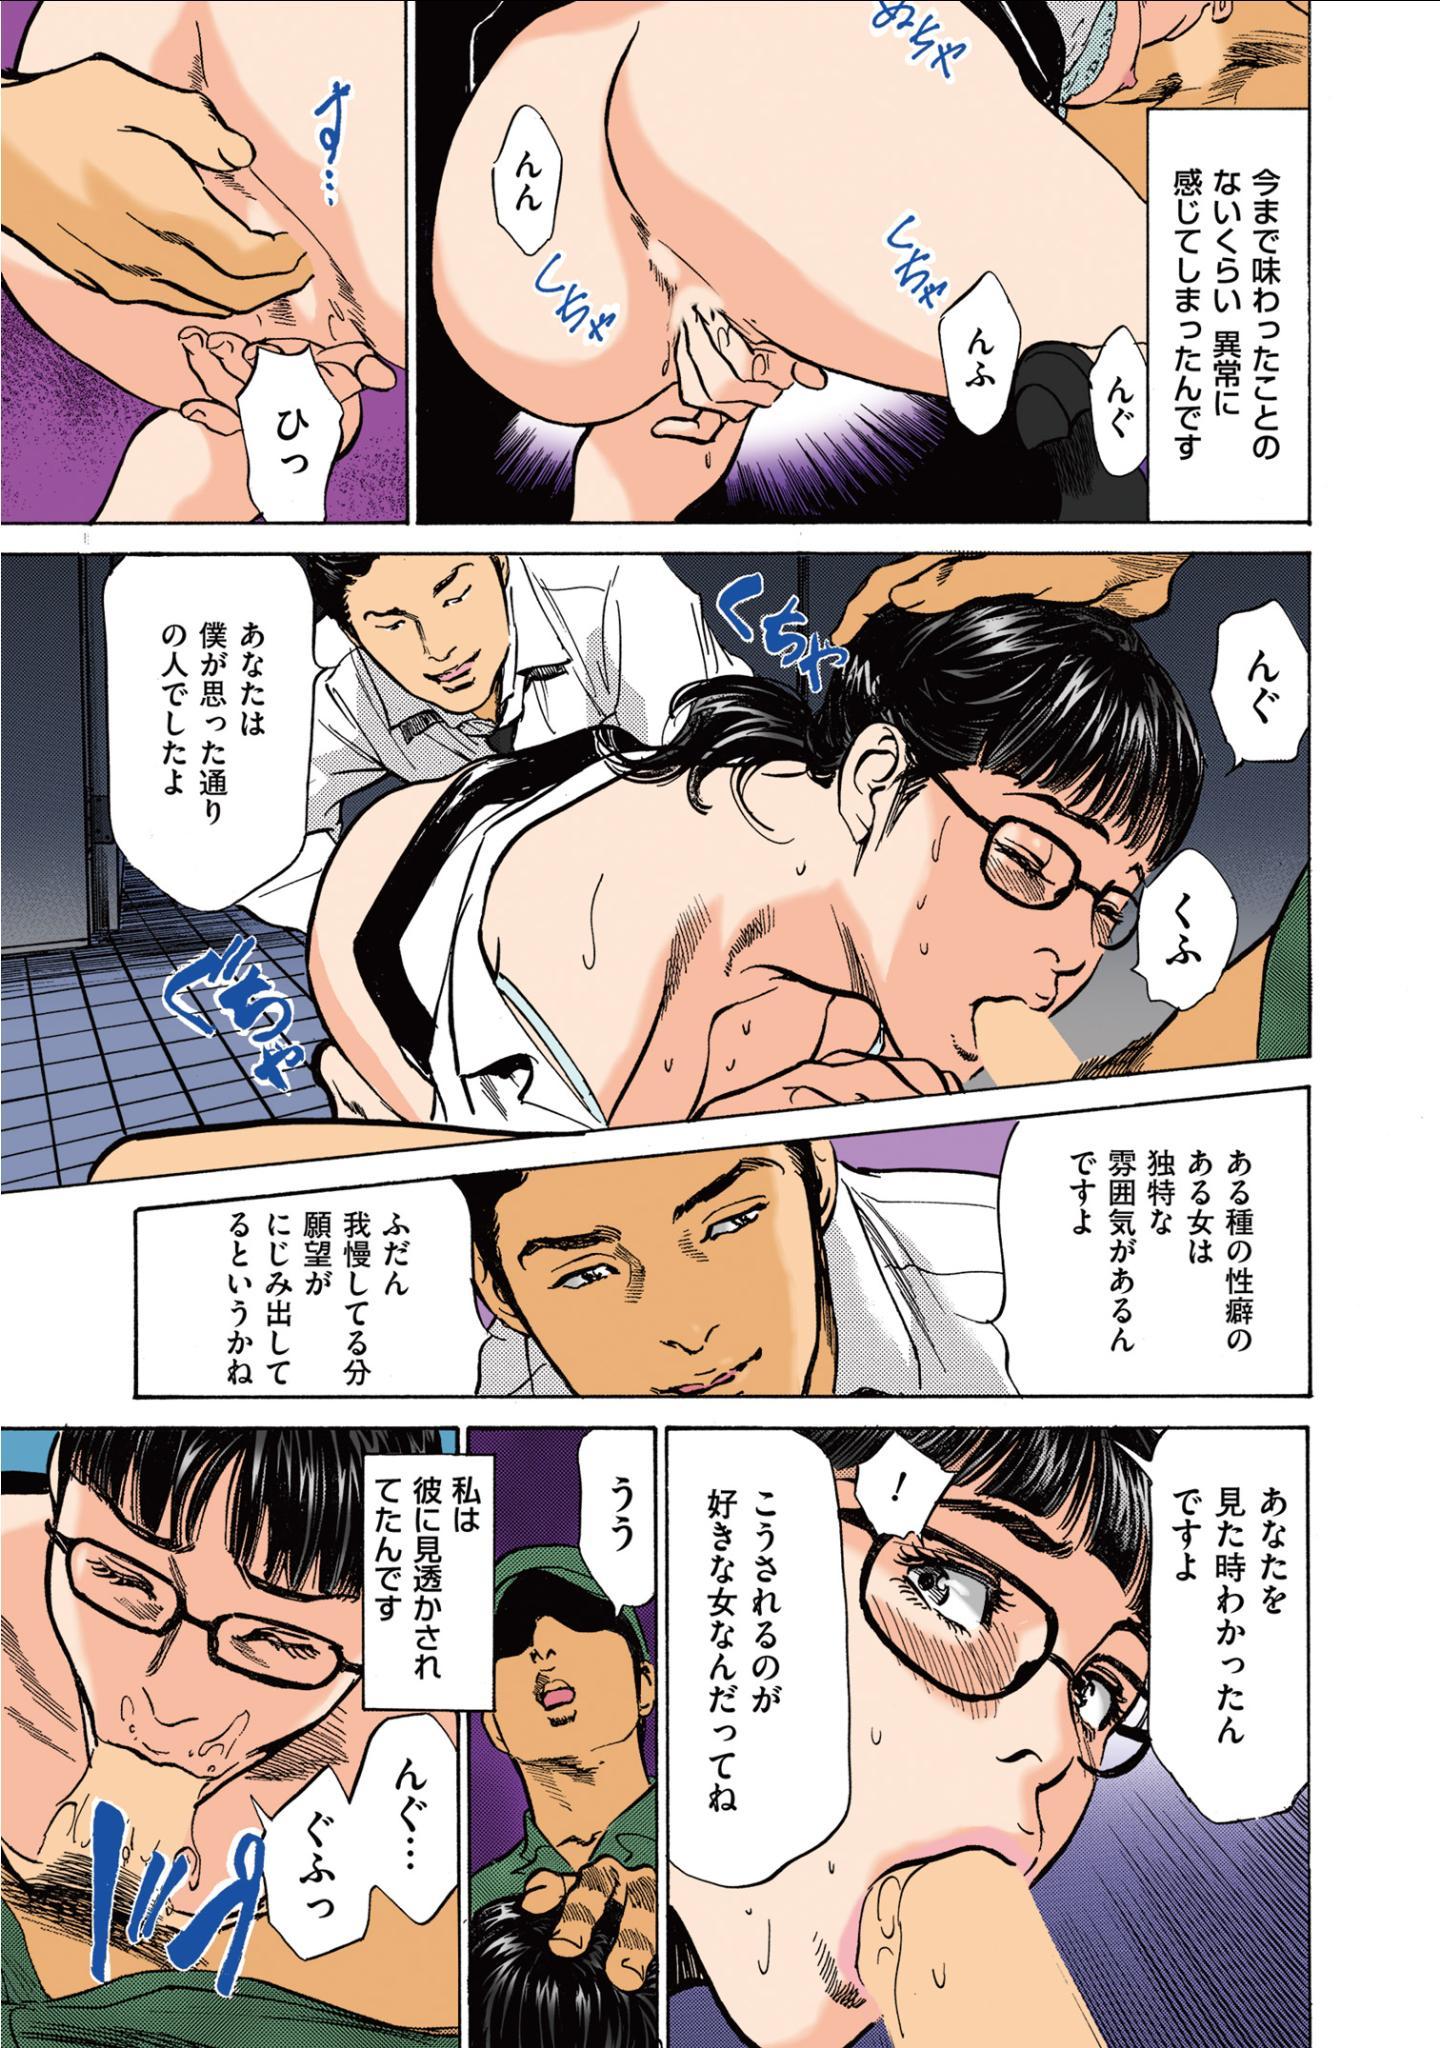 [Hazuki Kaoru] Hazuki Kaoru no Tamaranai Hanashi (Full Color Version) 1-2 48